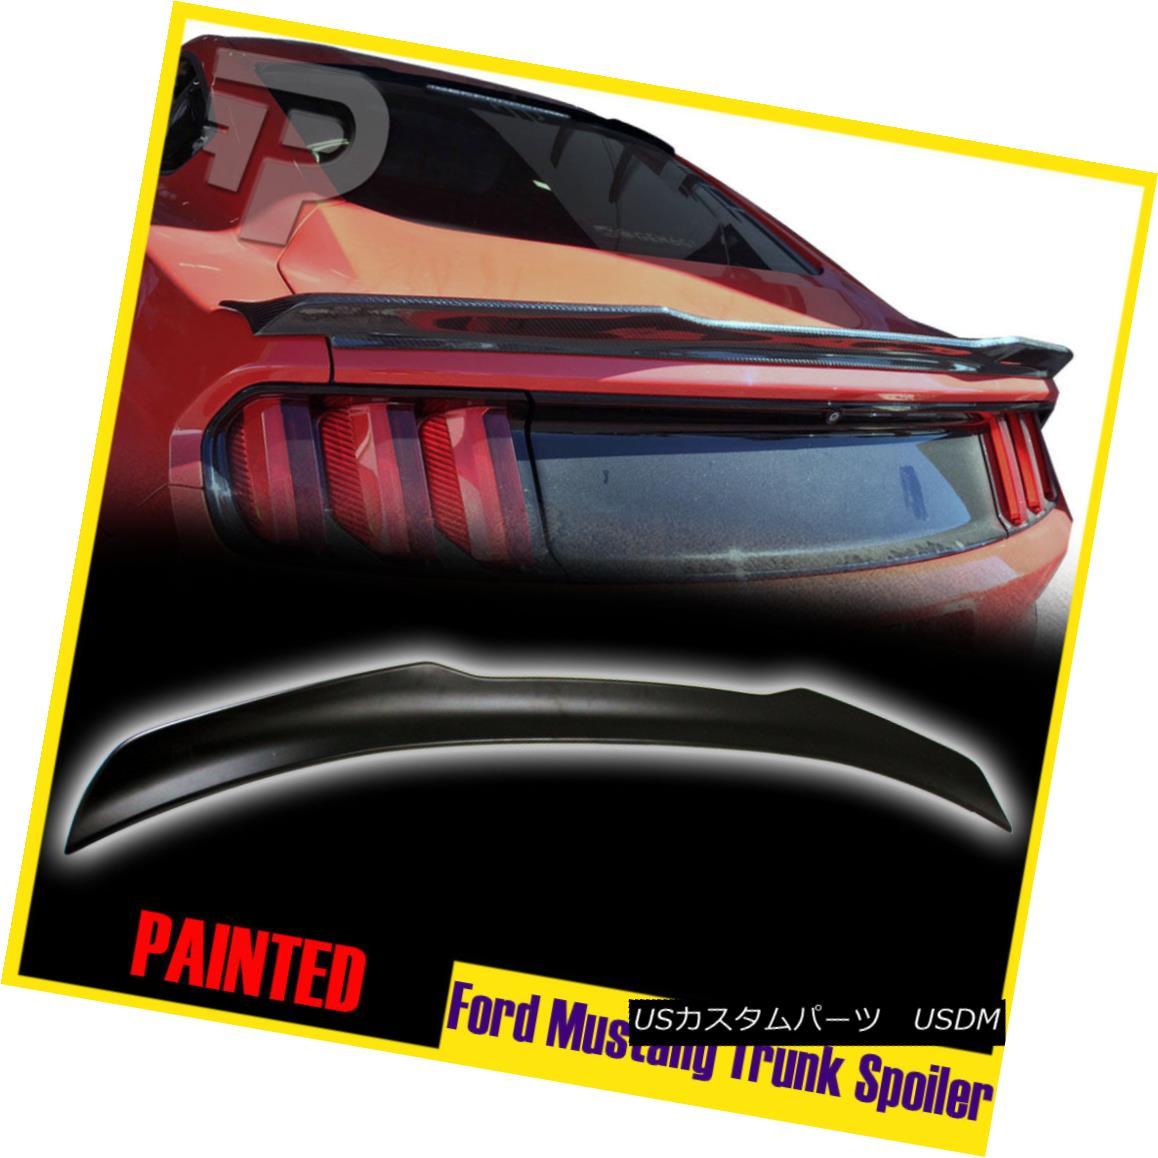 エアロパーツ Painted V Style Rear Trunk Spoiler Ford Mustang 6th GT 2D Coupe GT V6 2015-2017 塗装済みVスタイルリアトランク・スポイラーフォード・マスタング6th GT 2DクーペGT V6 2015-2017